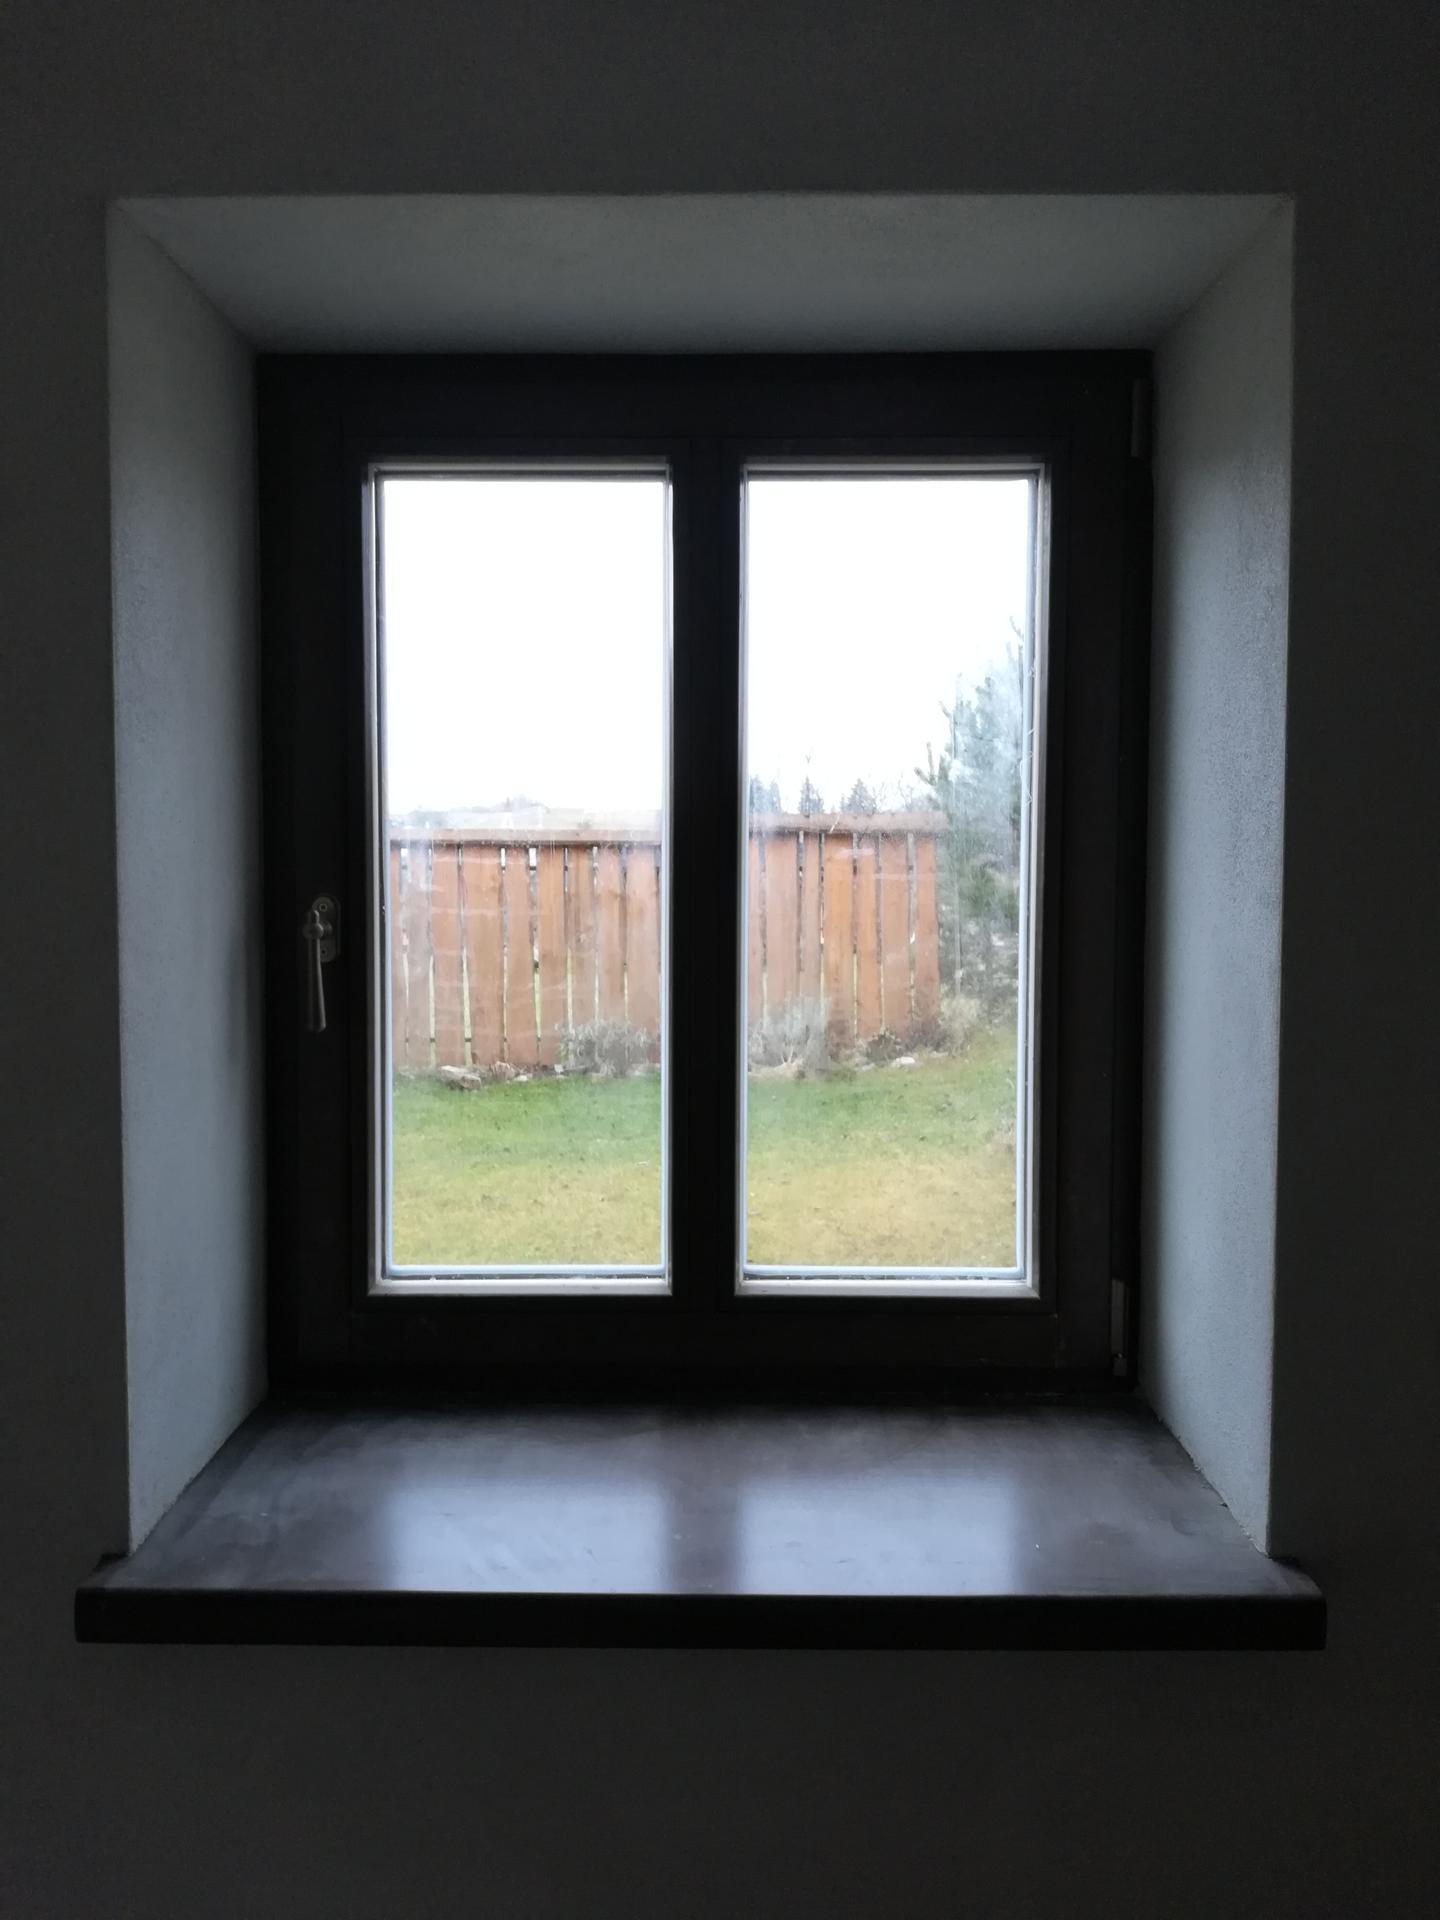 Letná kuchyňa. Inšpirácie vs. realita - Nové drevené okná.